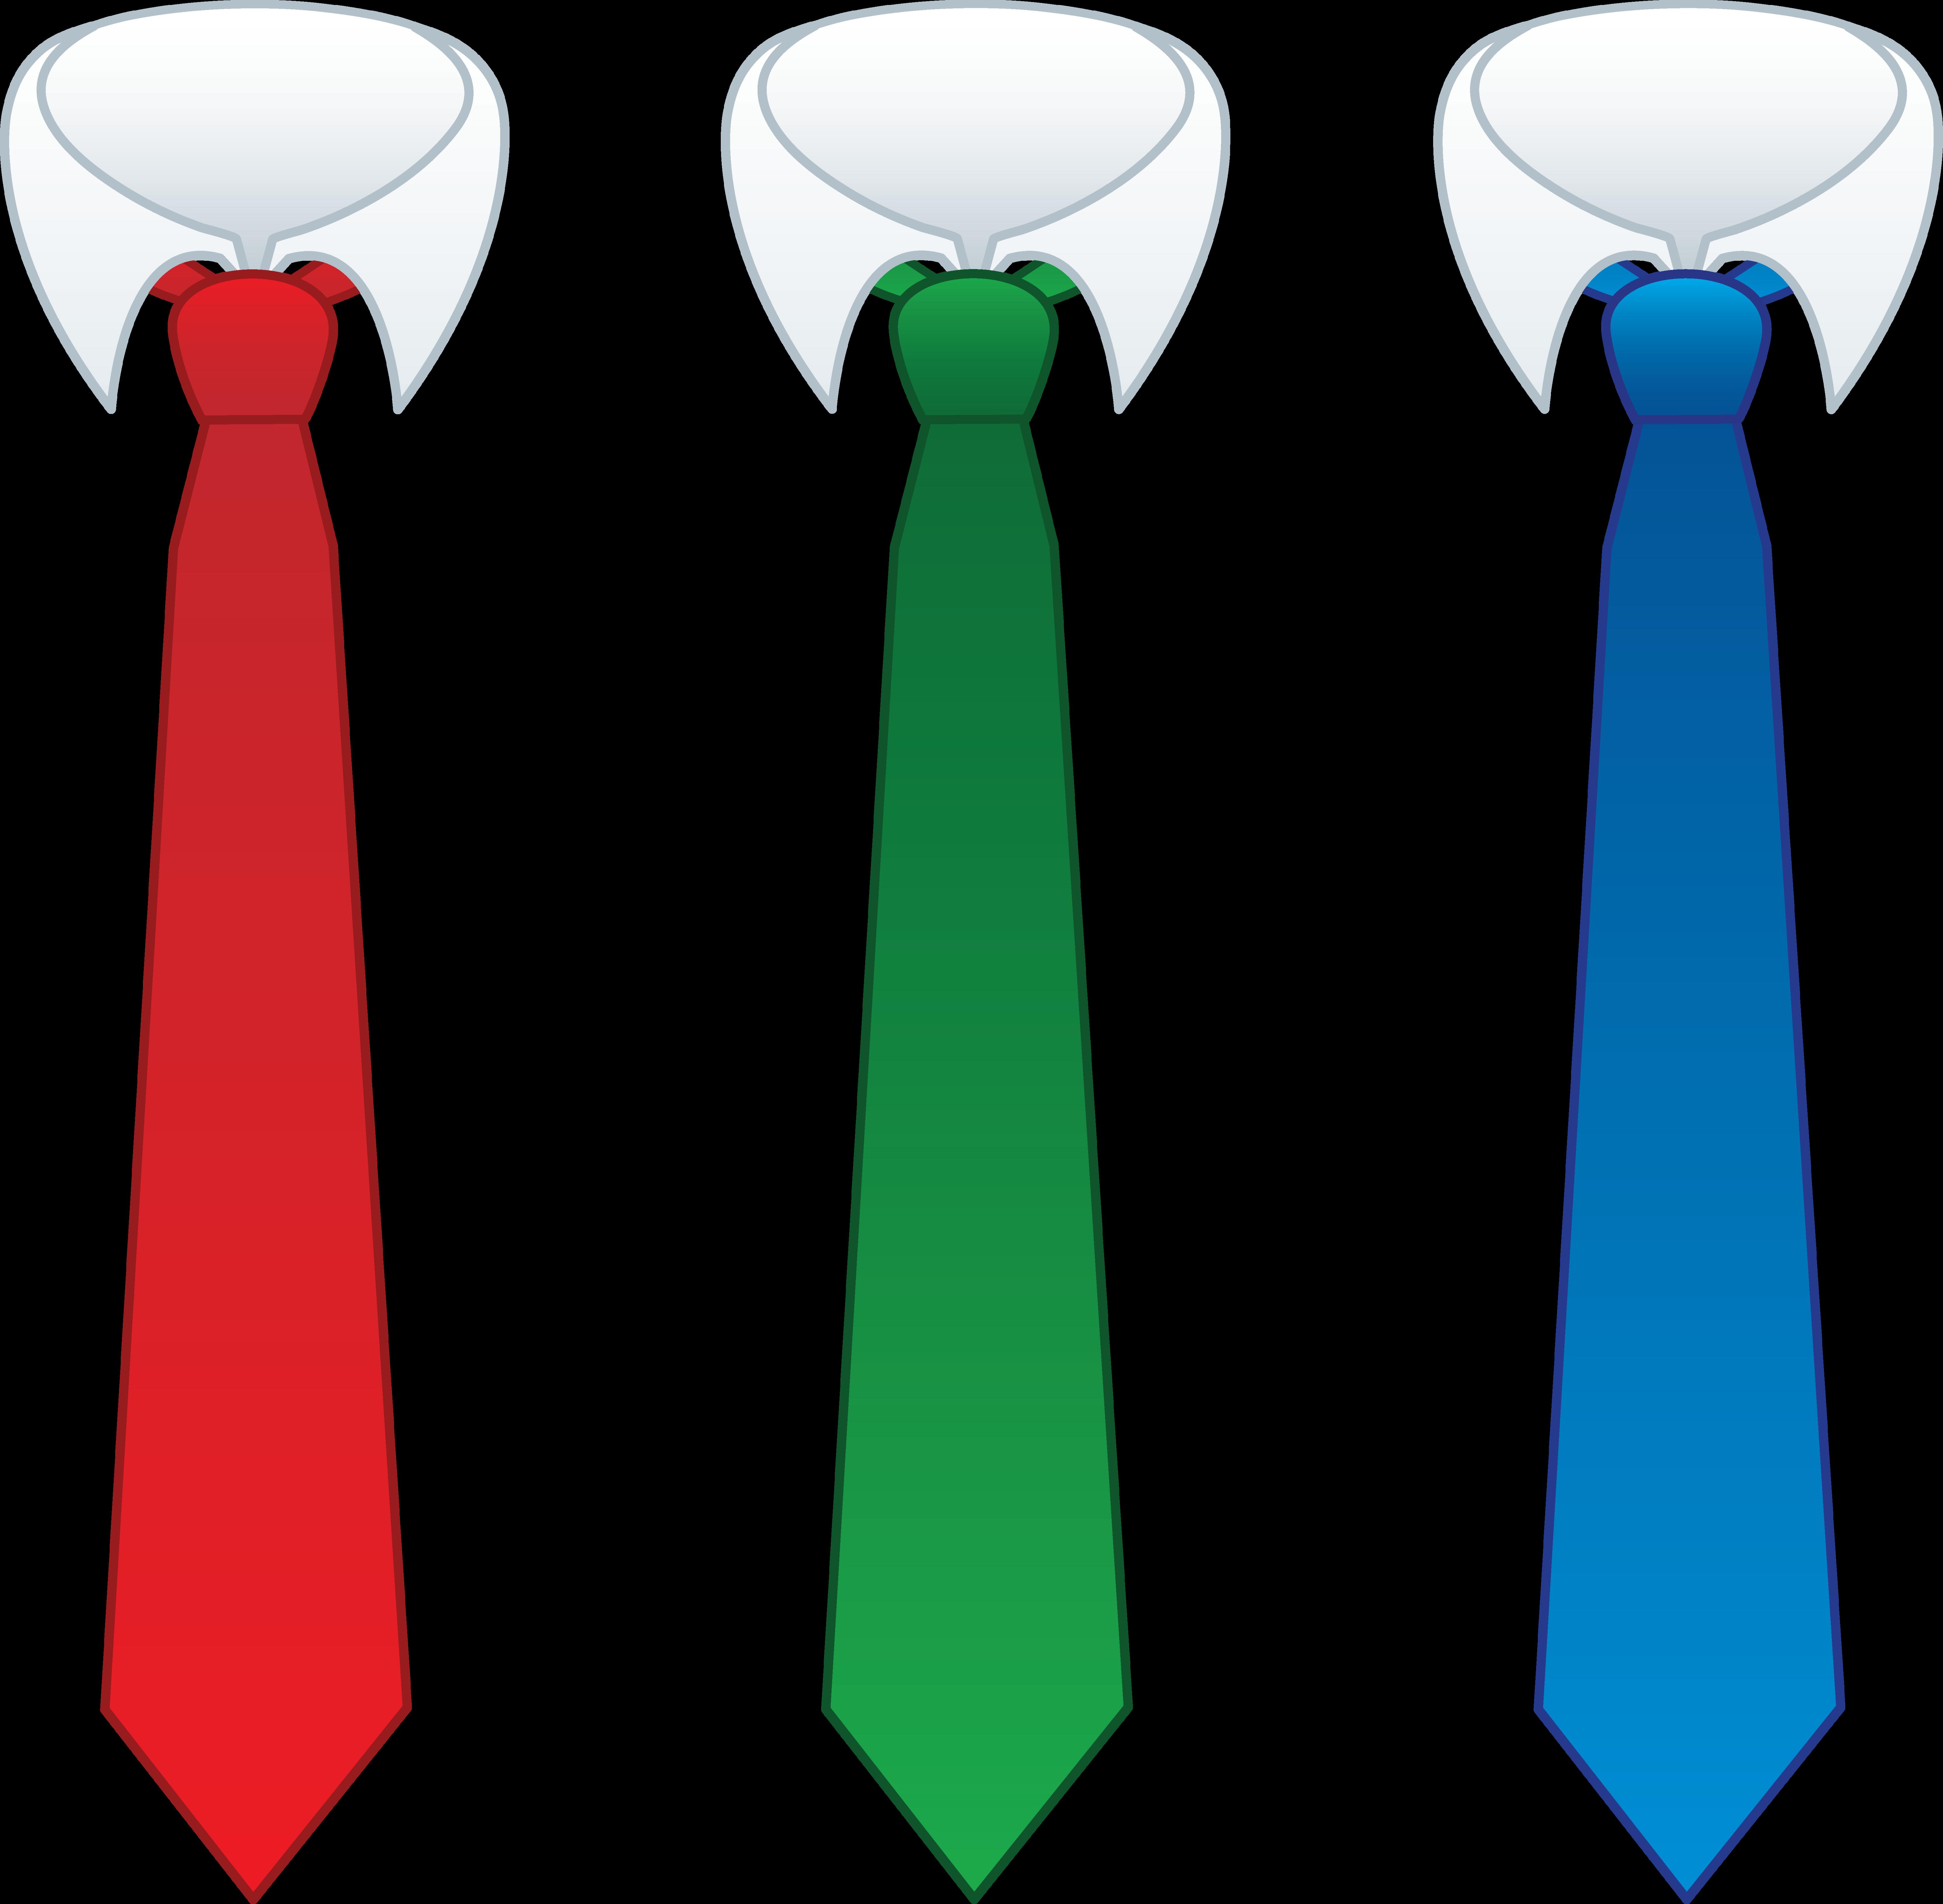 Necktie clipart #13